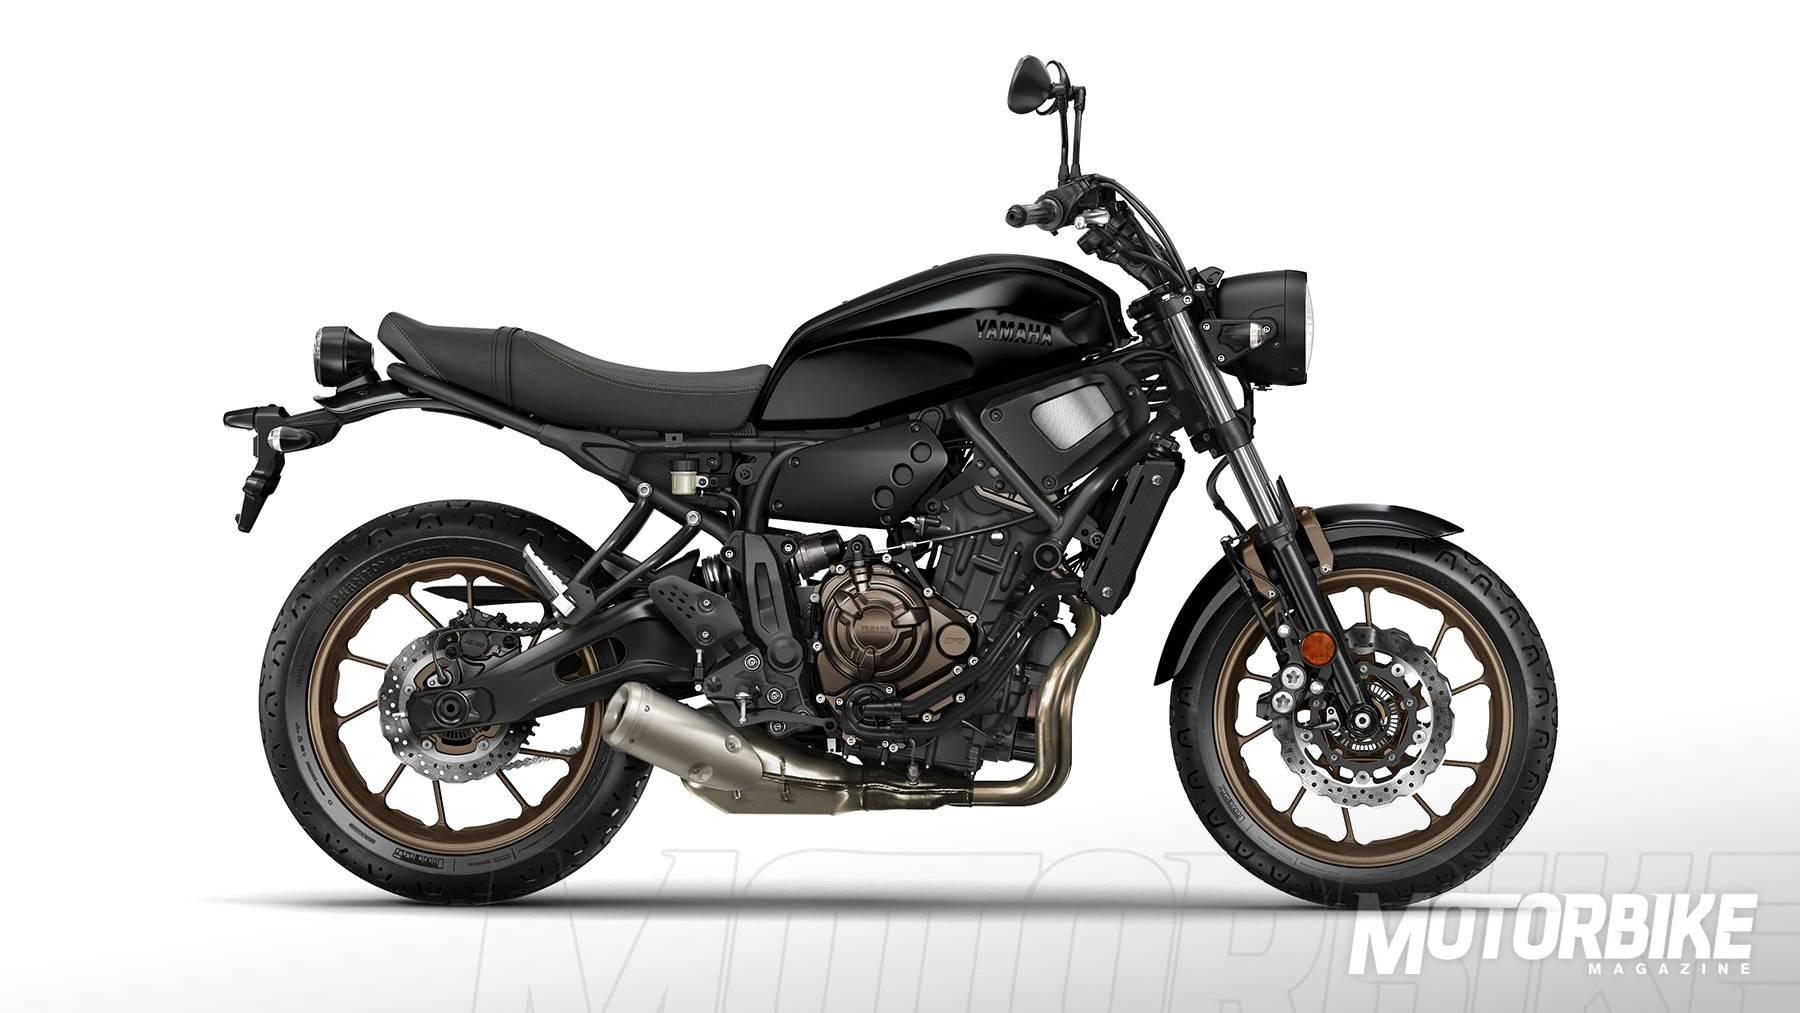 Yamaha XSR700 2017 - Precio, fotos, ficha técnica y motos rivales